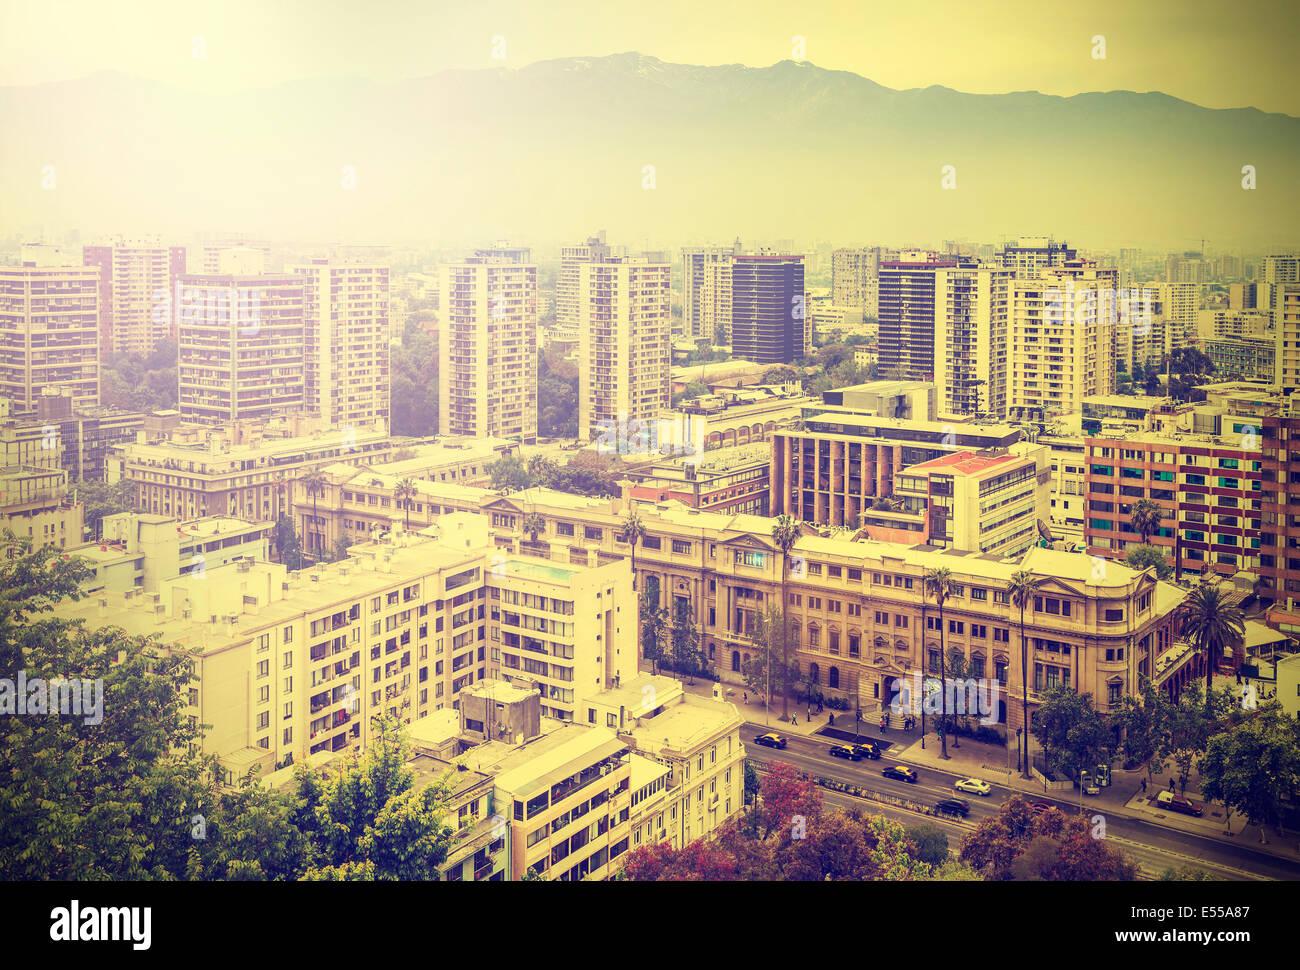 Vintage picture of Santiago de Chile downtown. - Stock Image